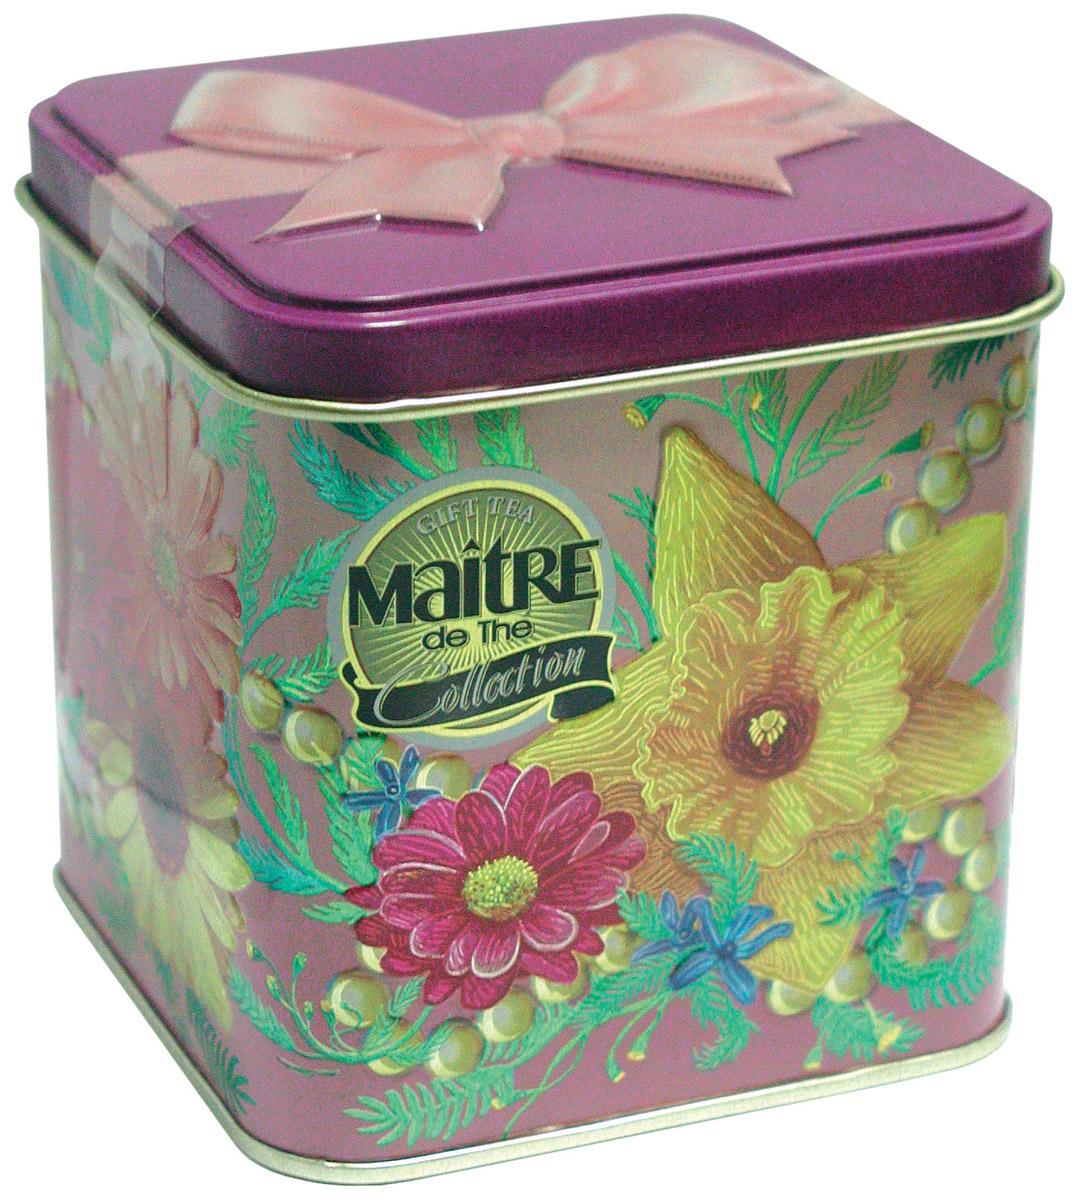 Maitre Дамский каприз черный листовой чай, 100 г101246Maitre Дамский каприз - это черный байховый индийский крупнолистовой чай. Яркая жестяная банка с изображением цветов и игривым бантом на крышке придется по вкусу каждой женщине.